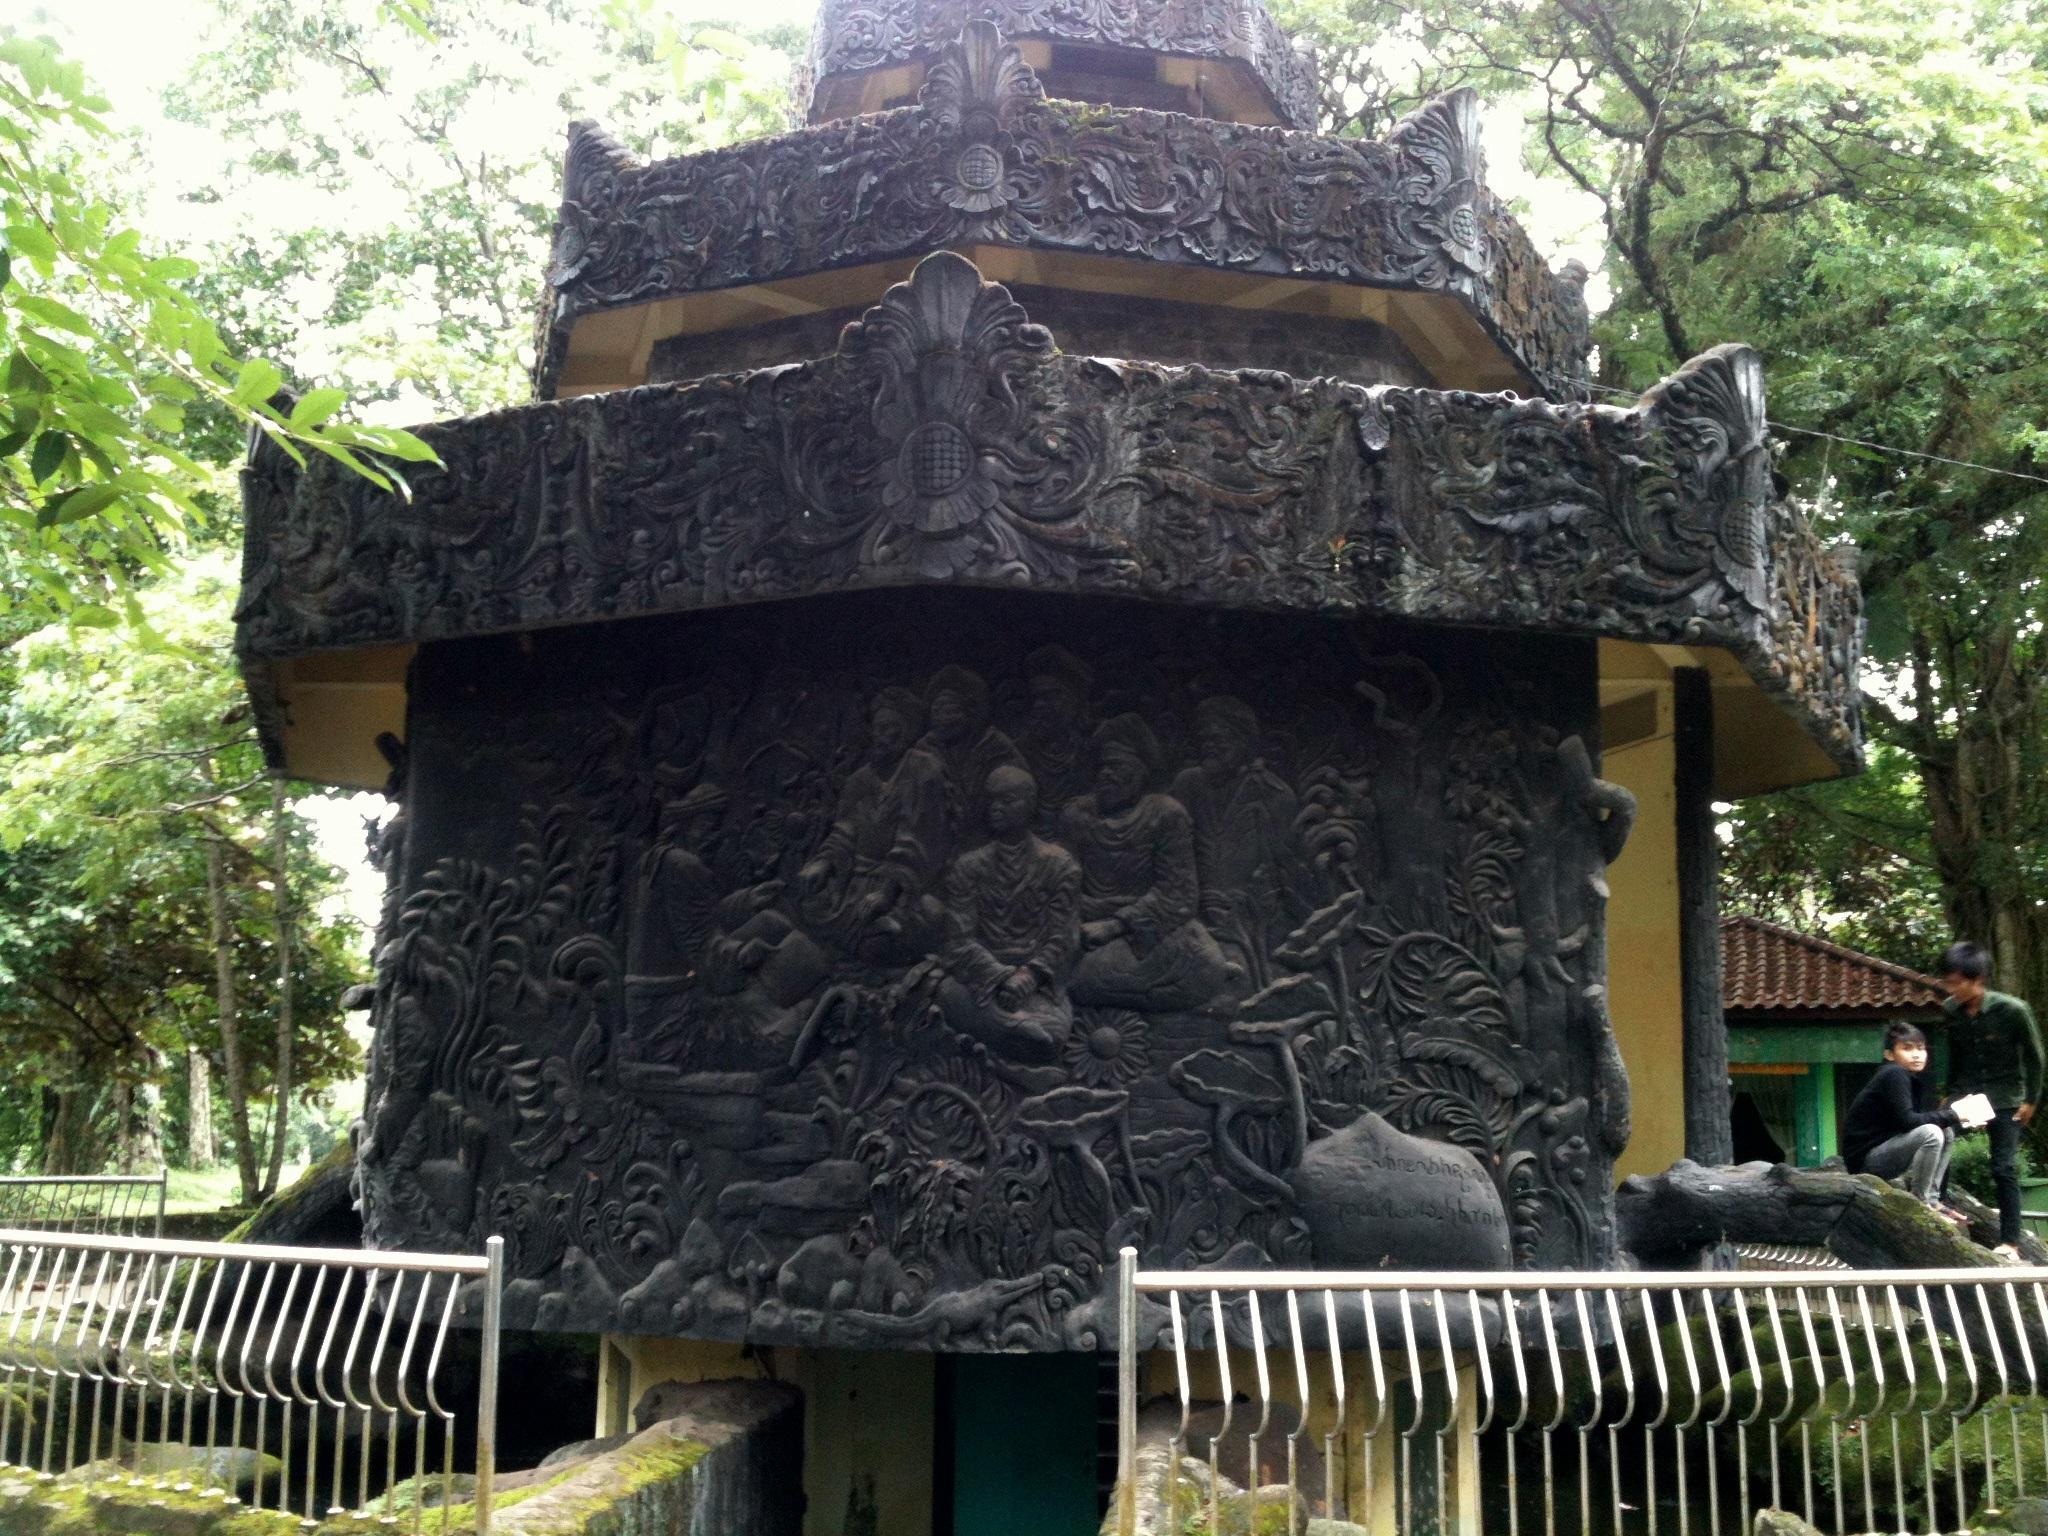 Wisata Sejarah Tempat Dahulu Ditemukan Temuan Purbakala Kerajaan Sriwijaya Terdapat